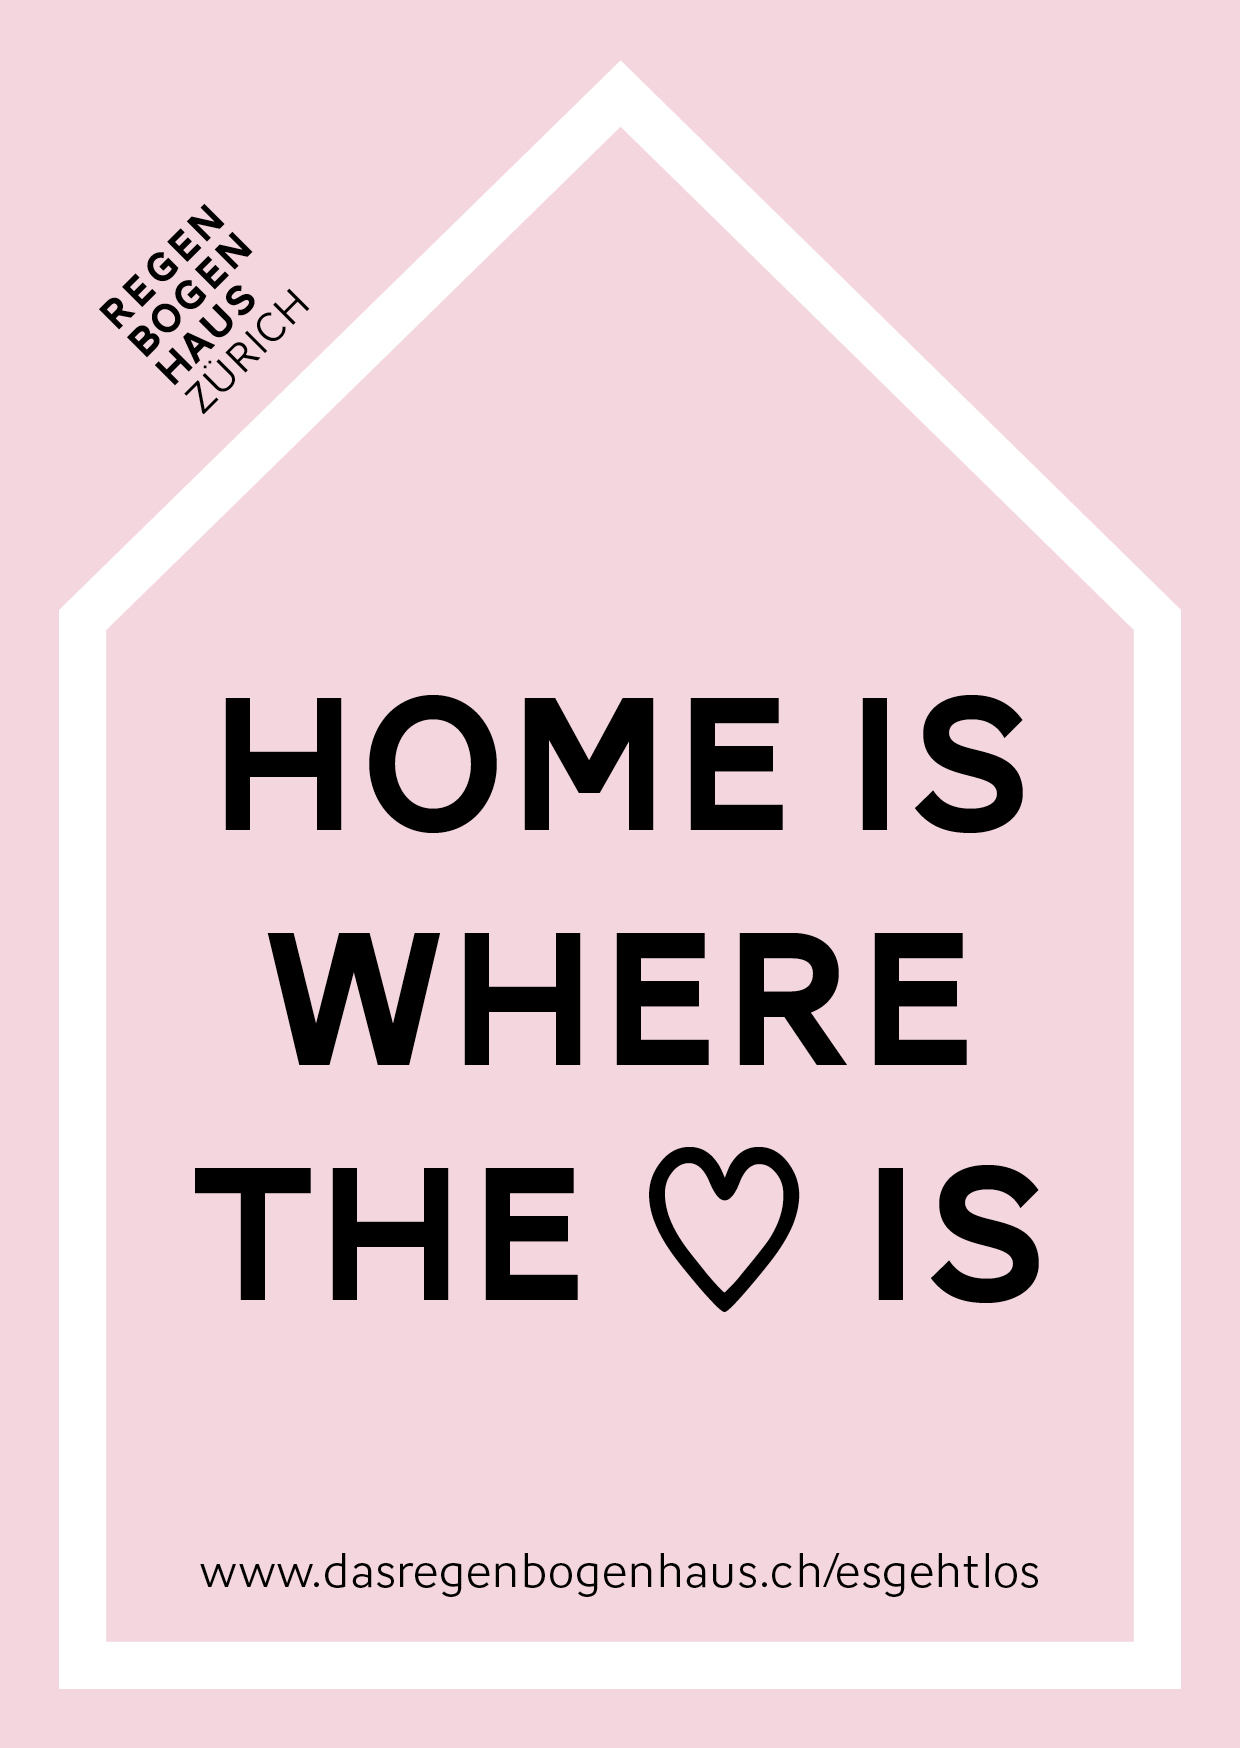 Haus-Logo Regenbogenhaus, Schriftzug Regen/Bogen/Haus/Zürich als Schornstein. Schrift im Haus: Home is where the <3 is, Link: www.dasregenbogenhaus.ch/esgehtlos